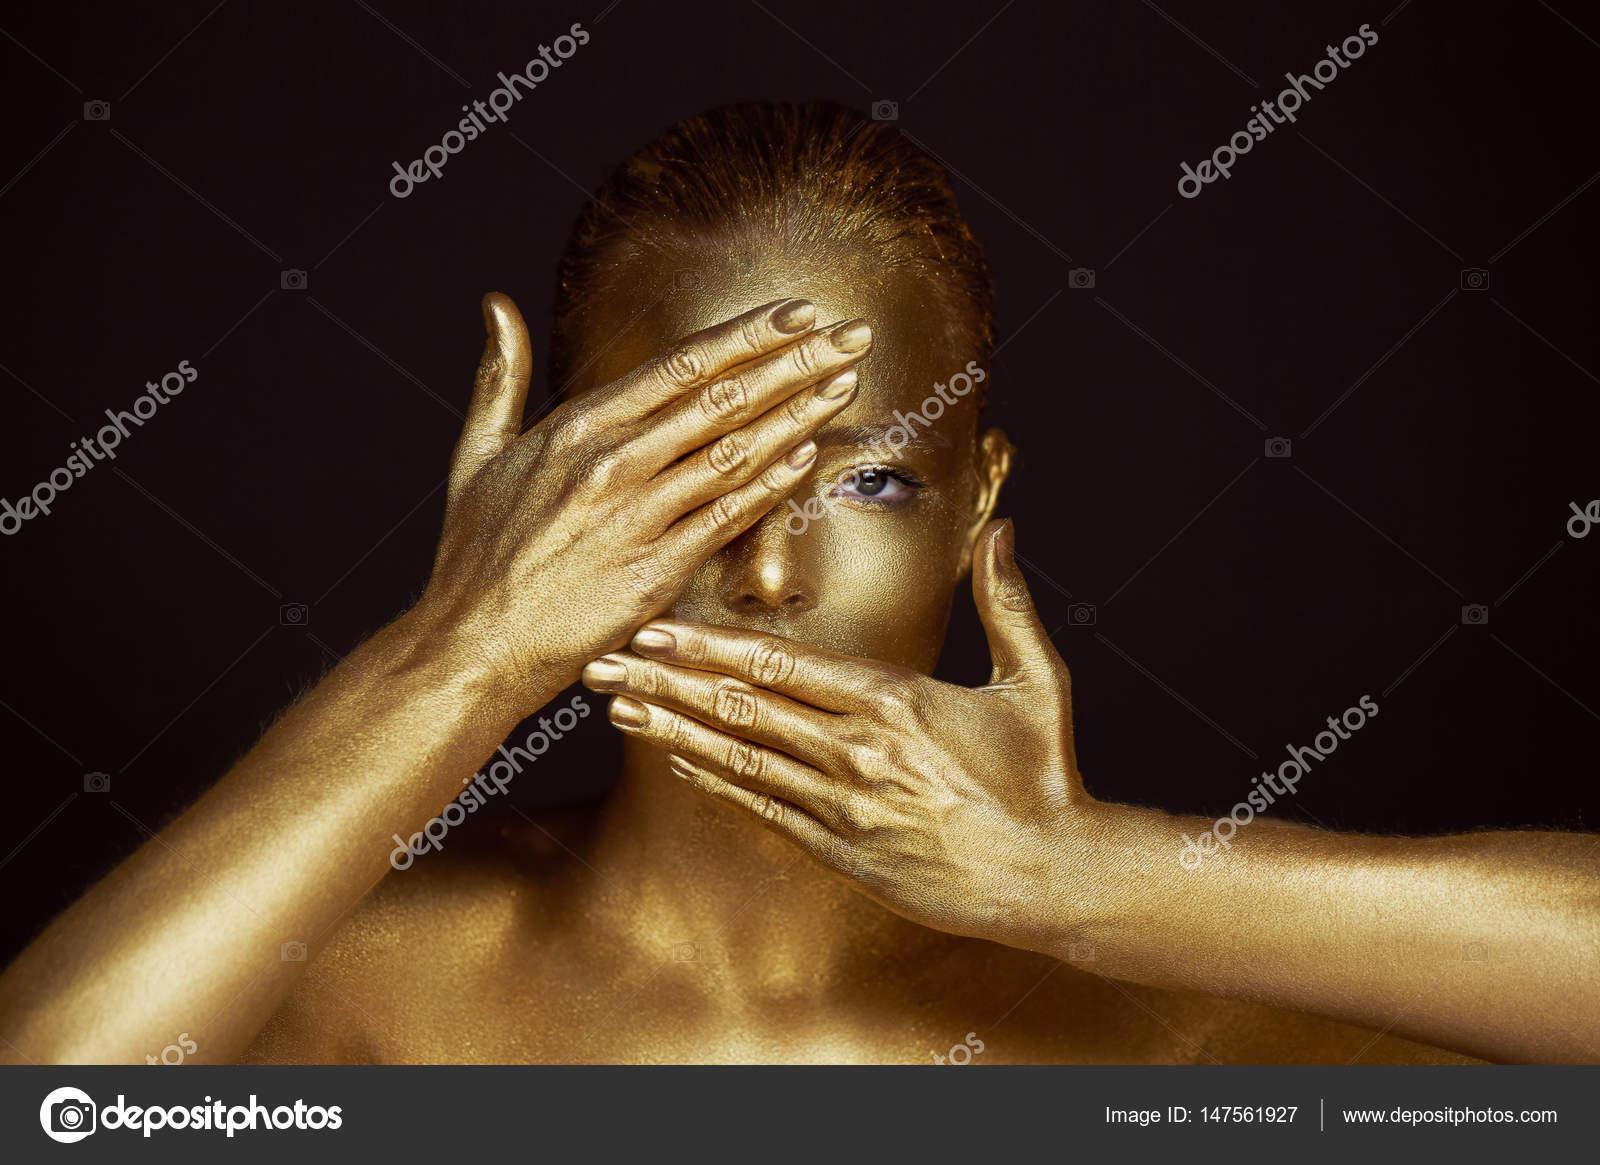 Retrato sobrenatural muchachas de oro, las manos cerca de la cara ...